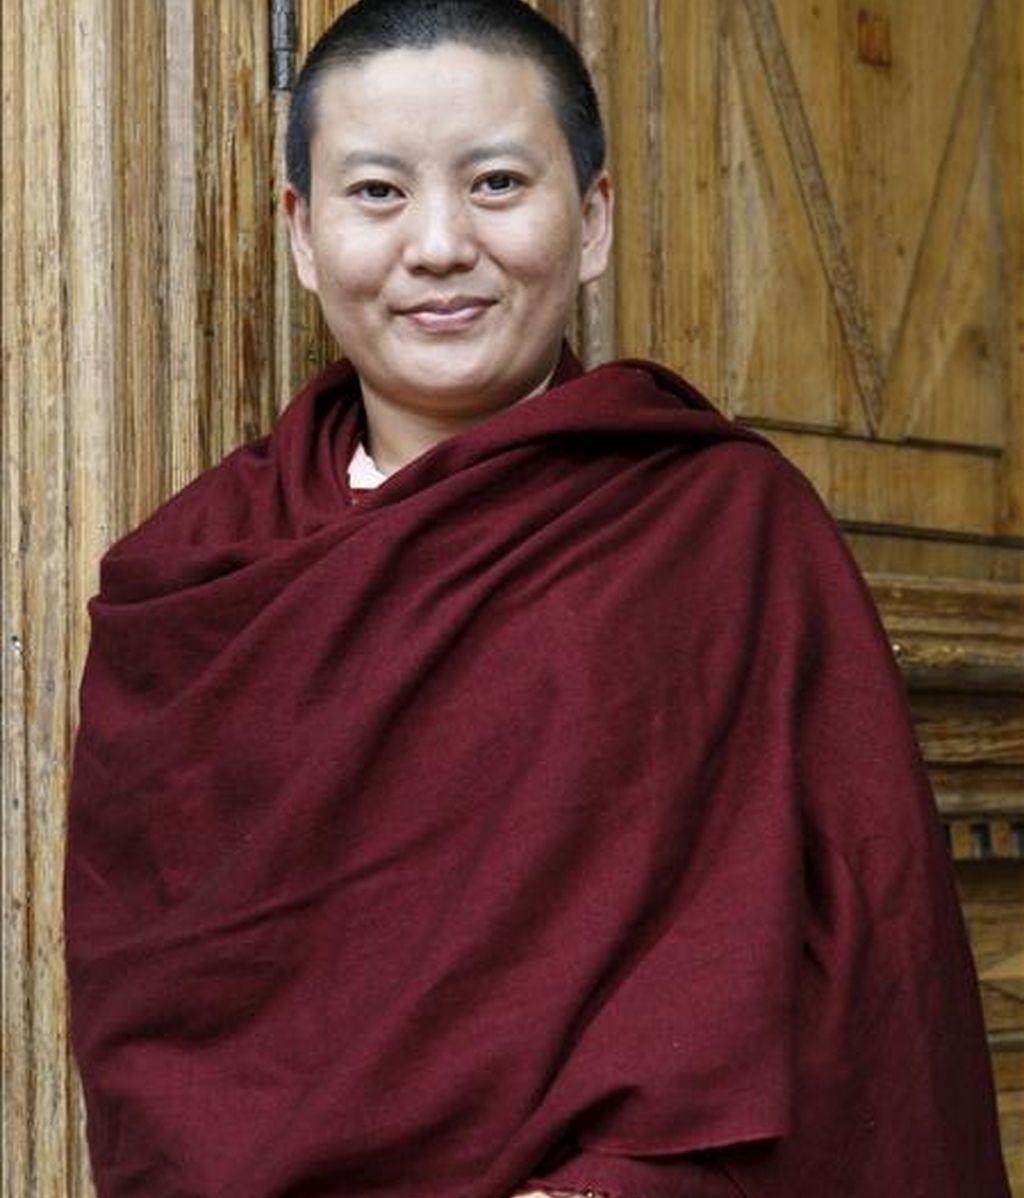 """La cantante y monja budista Ani Choying Dolma, nepalí de origen tibetano, decidió a los diez años hacerse monja nepalí porque no quería casarse, pues ello equivalía a recibir de un marido las palizas que ya le había dado su padre. Hoy, cantante de éxito, ha desvelado su dura niñez en la autobiografía """"La canción de la libertad"""". EFE"""